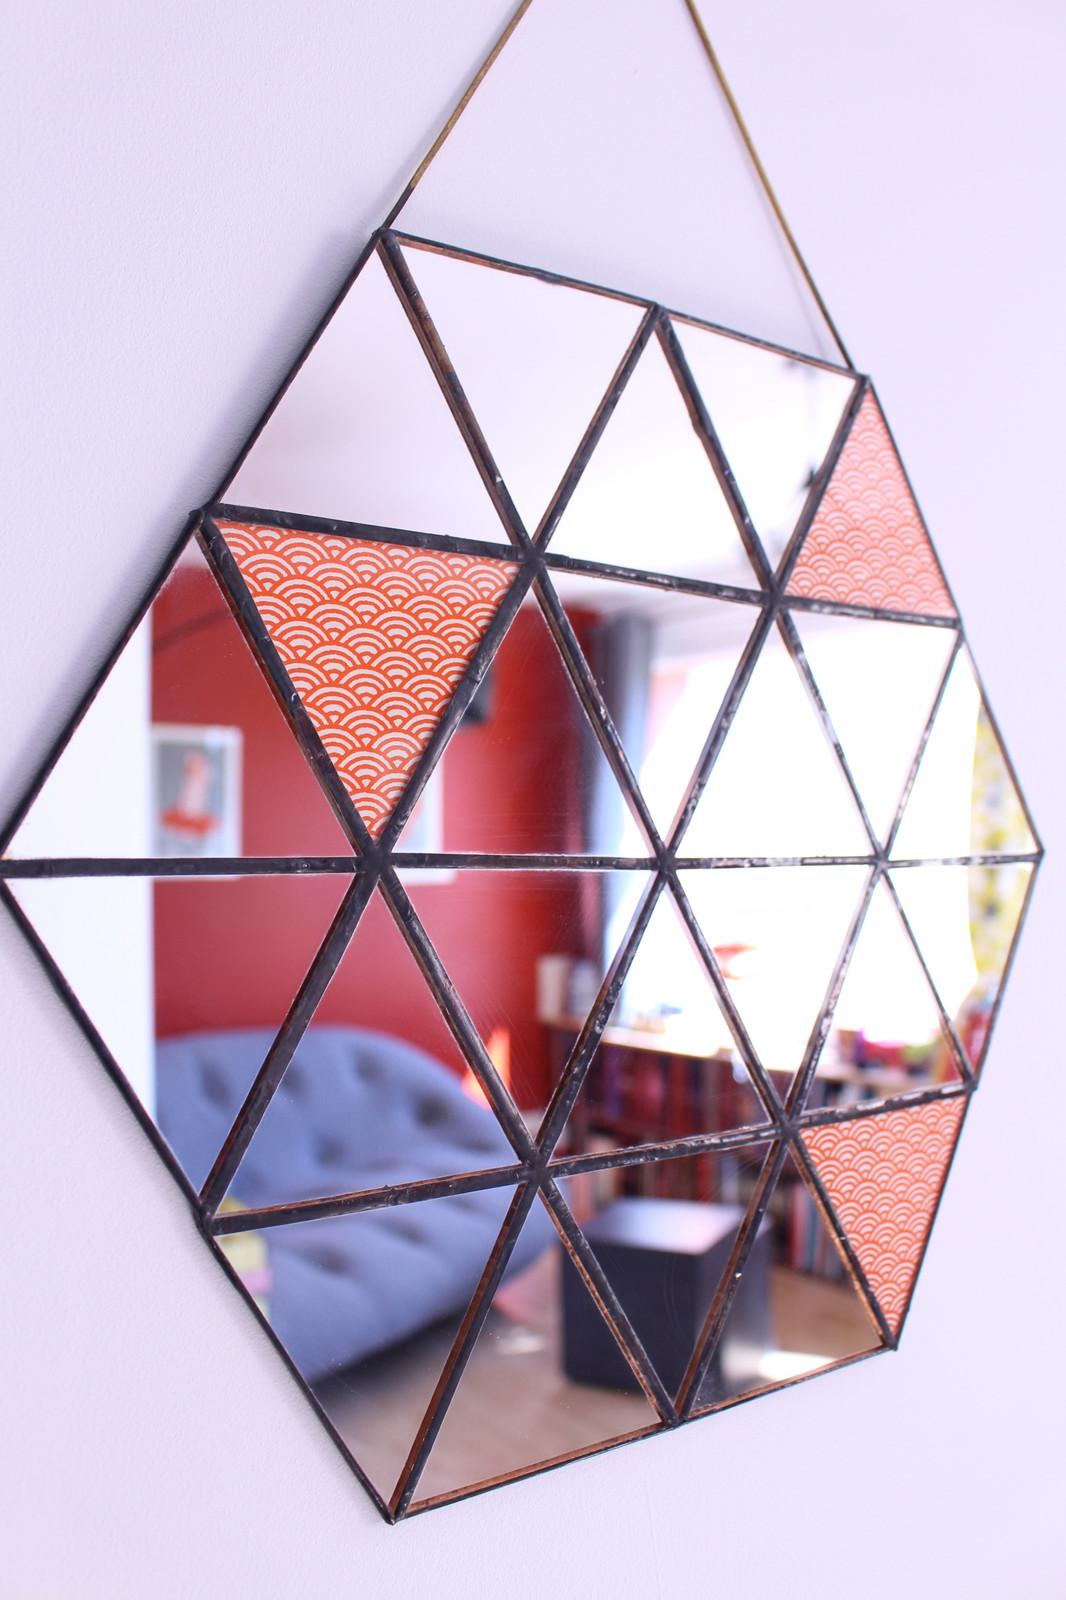 Objet en verre drome mobile for Miroir japonais